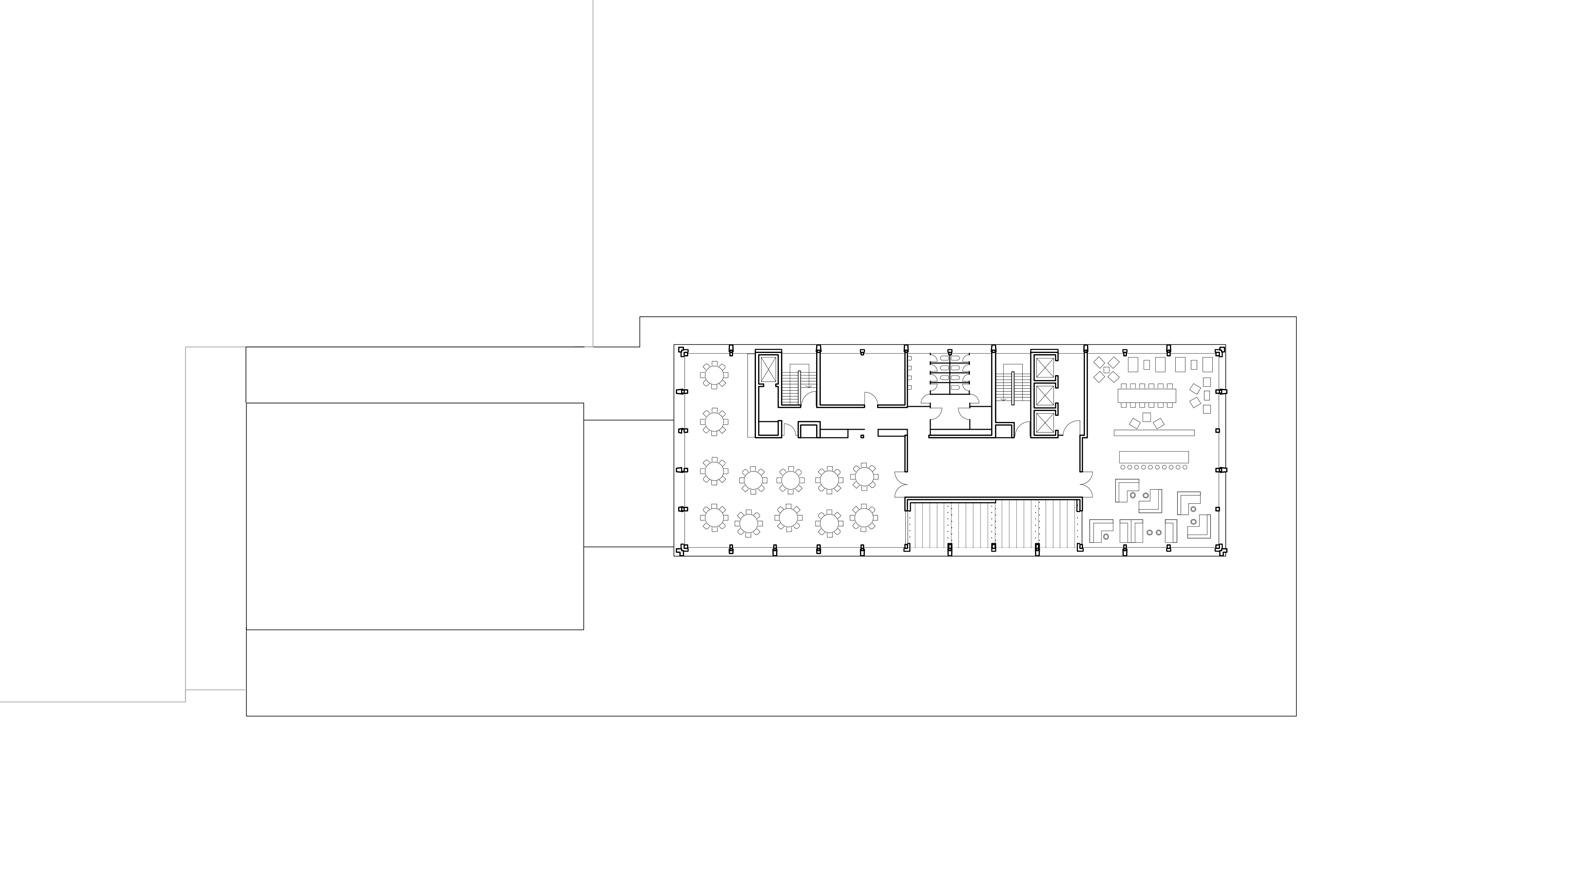 Grundriss 10. OG mit Bankettsaal, Dachterrasse und Skybar.